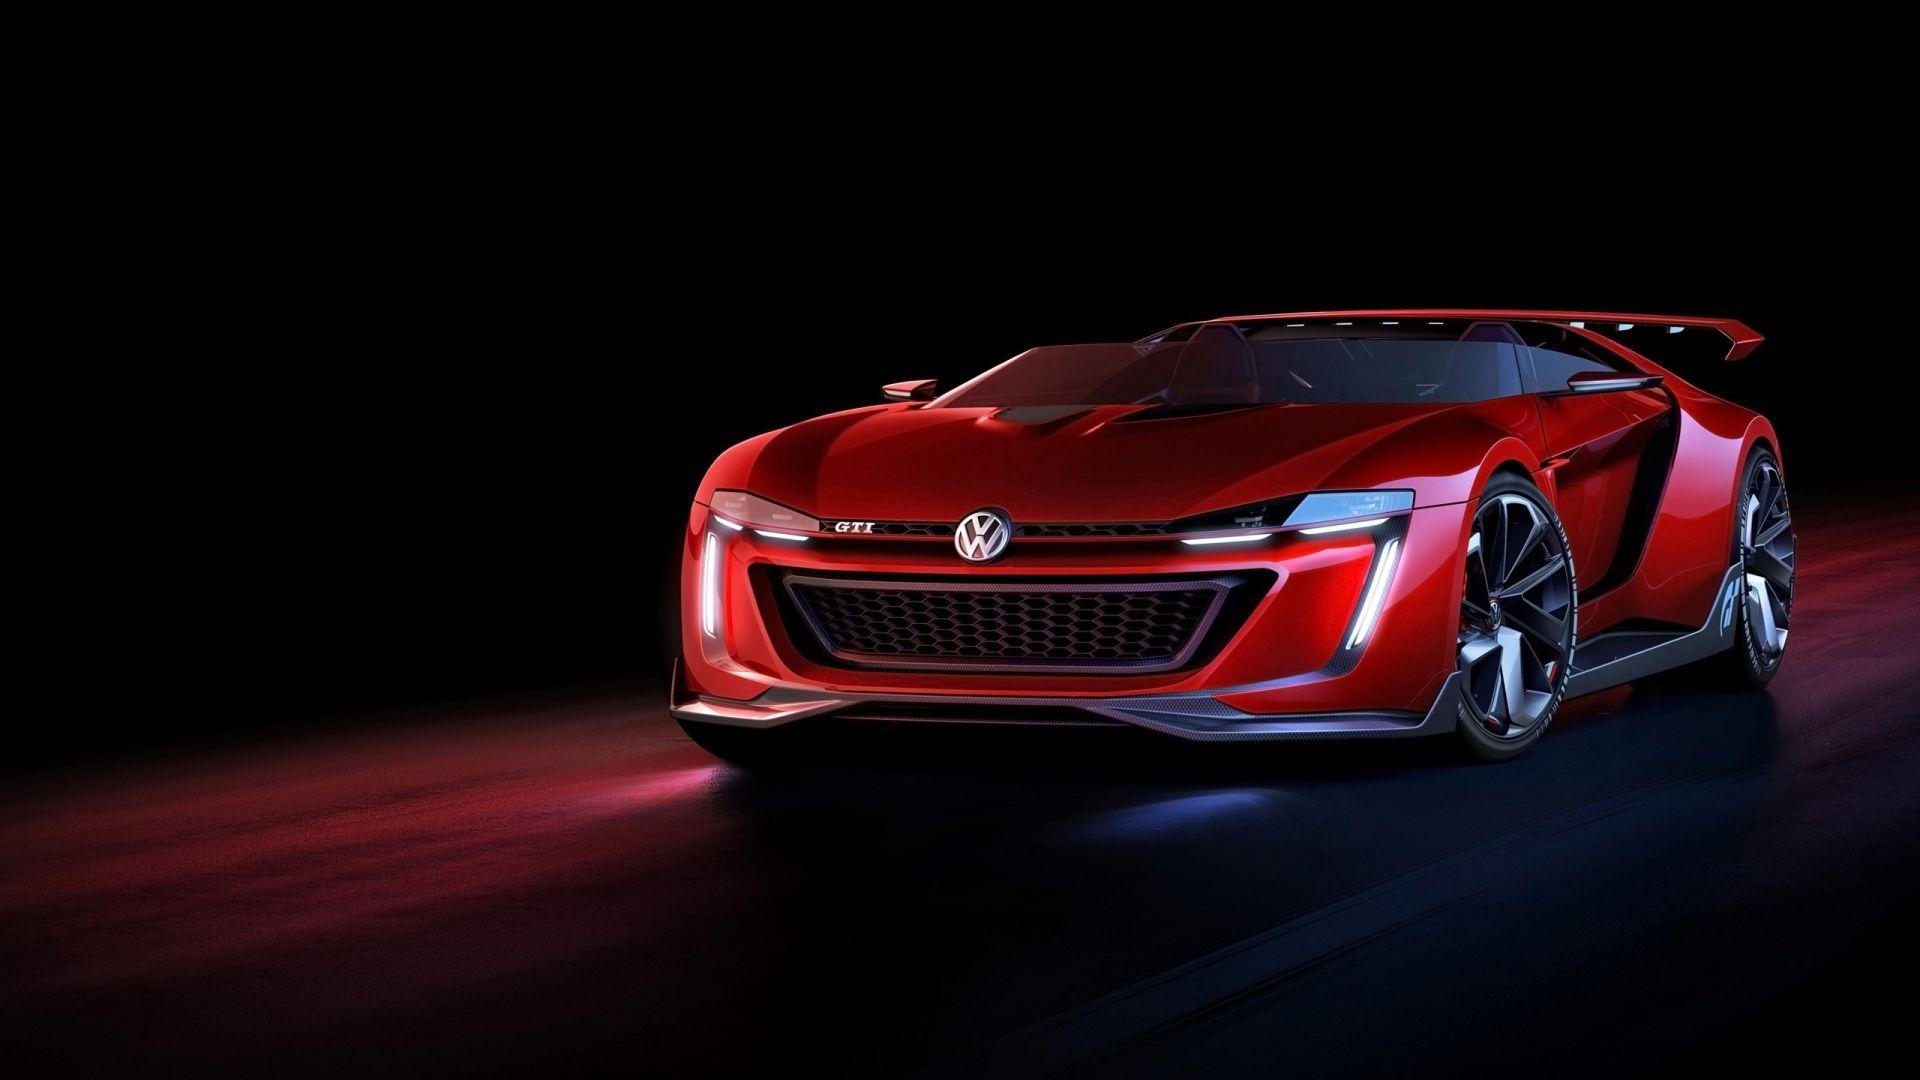 Volkswagen Gti Roadster Real Car Parking Simulator